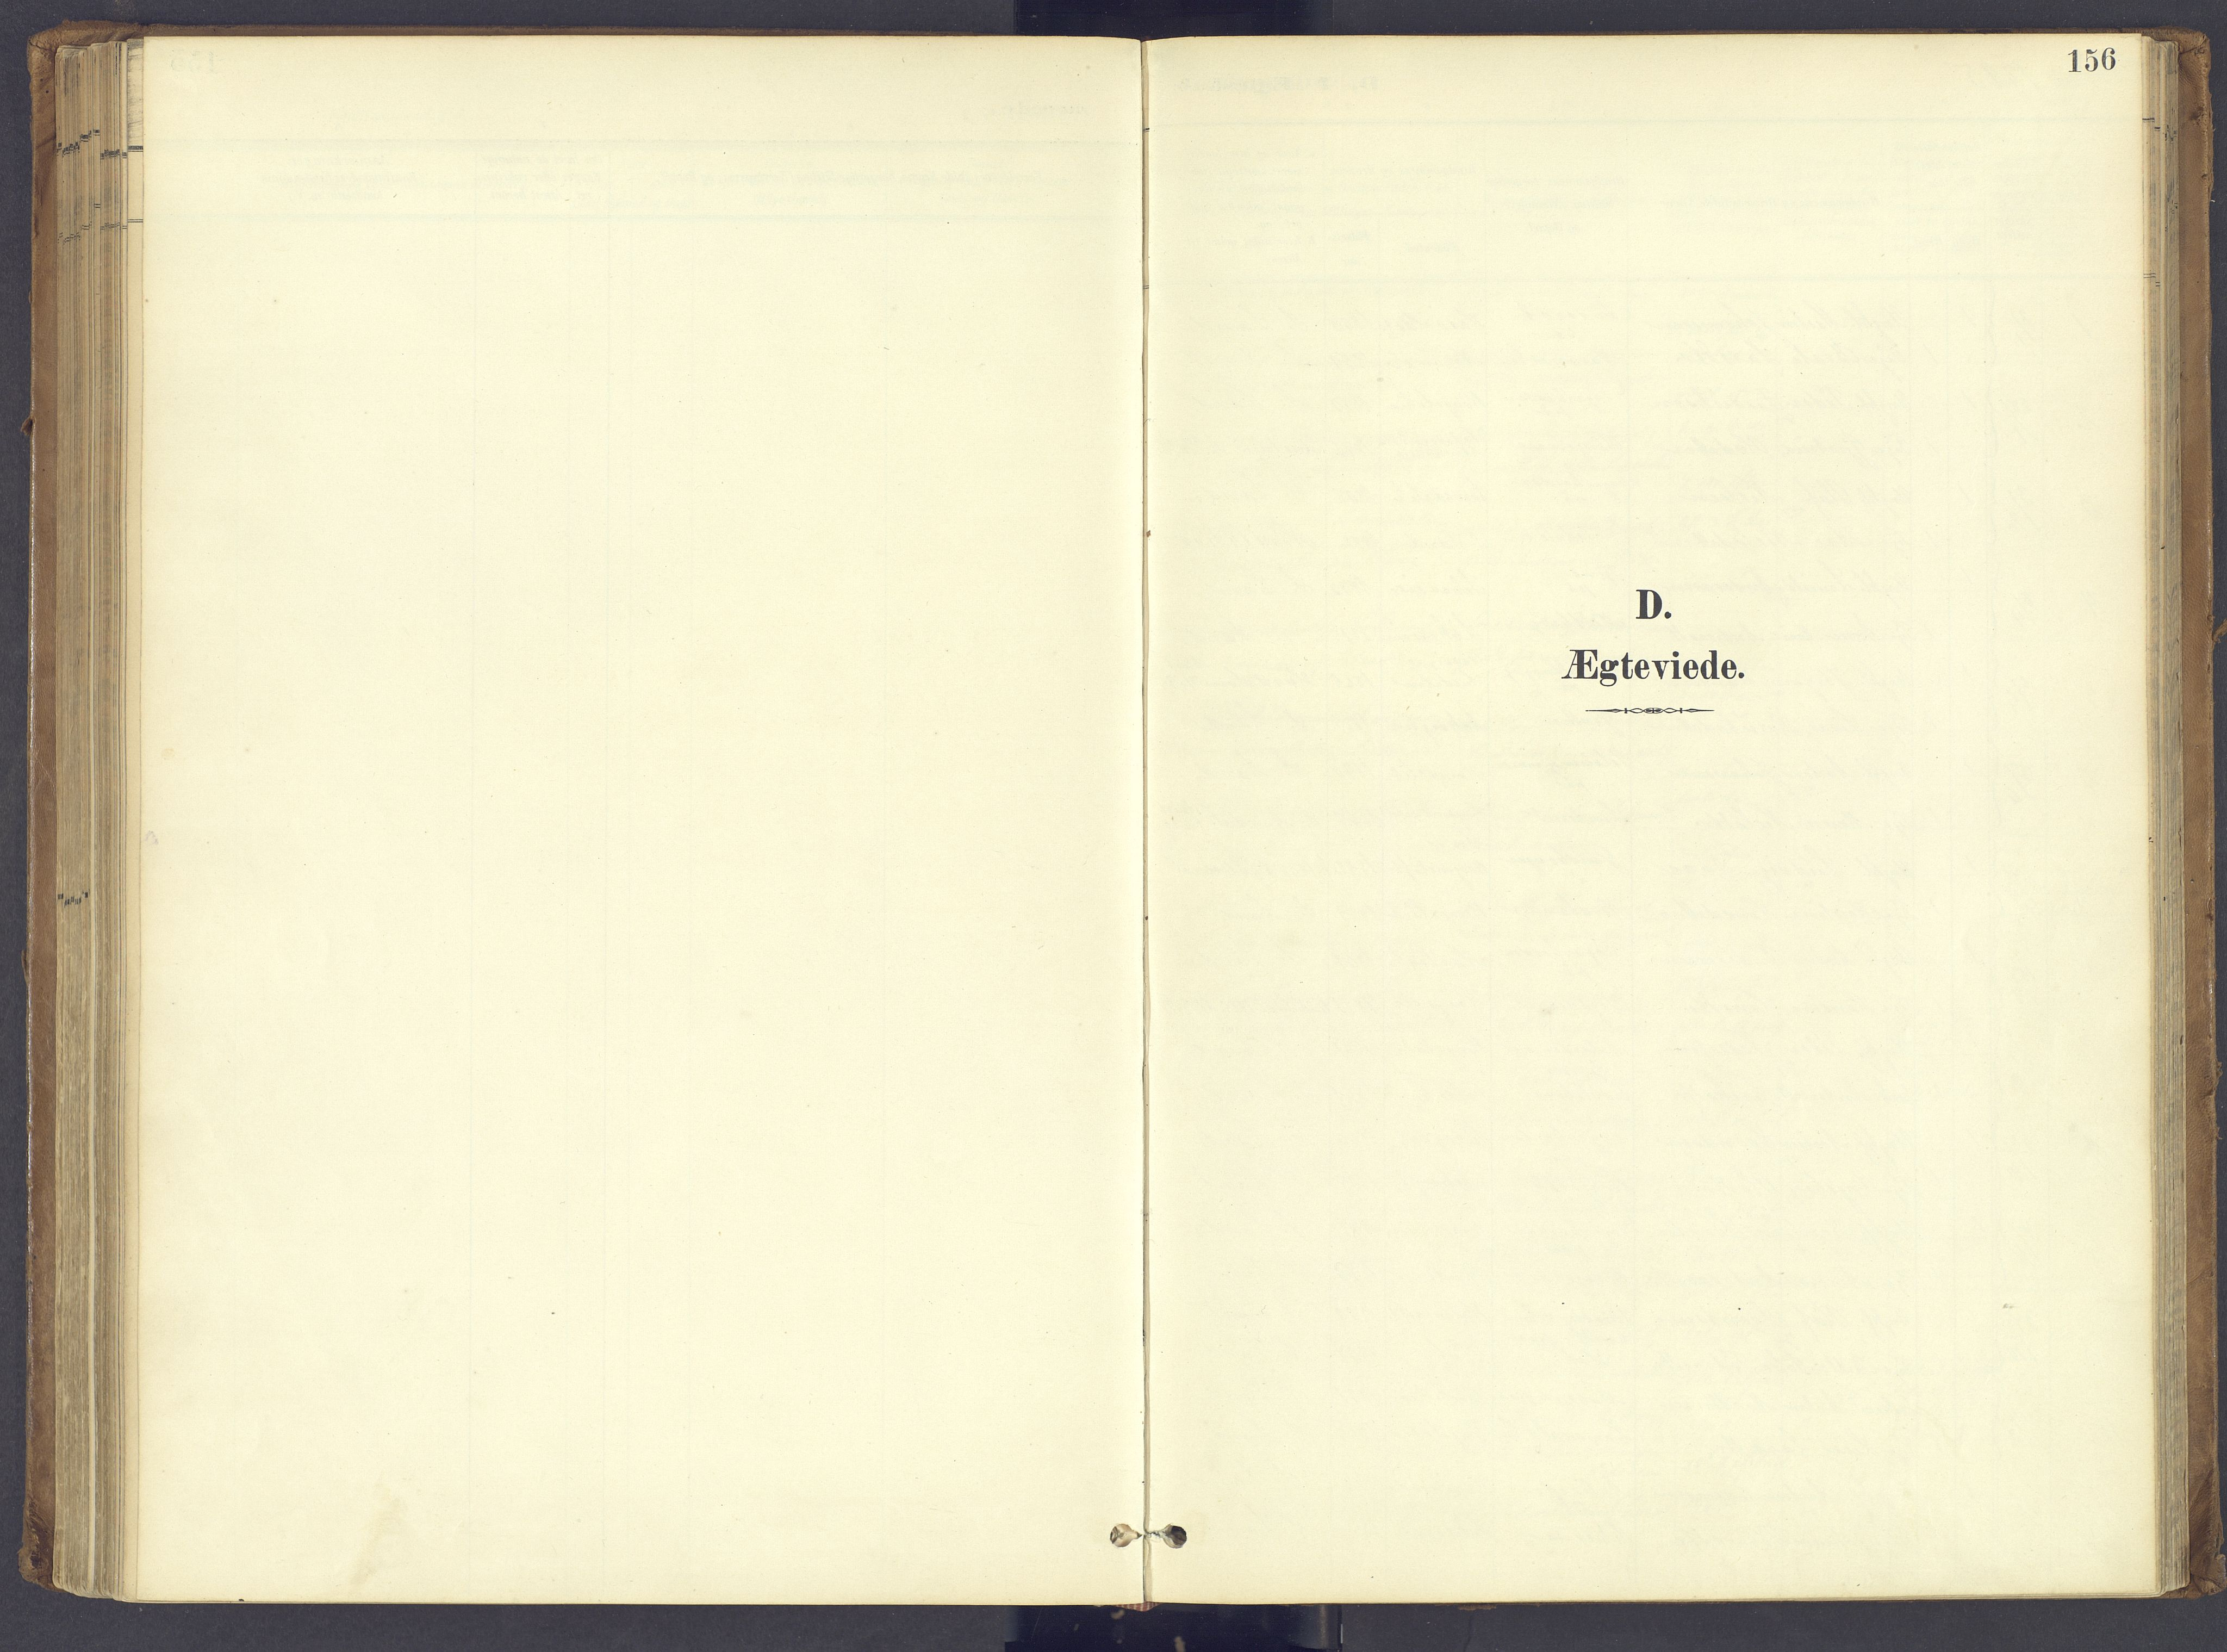 SAH, Søndre Land prestekontor, K/L0006: Ministerialbok nr. 6, 1895-1904, s. 156